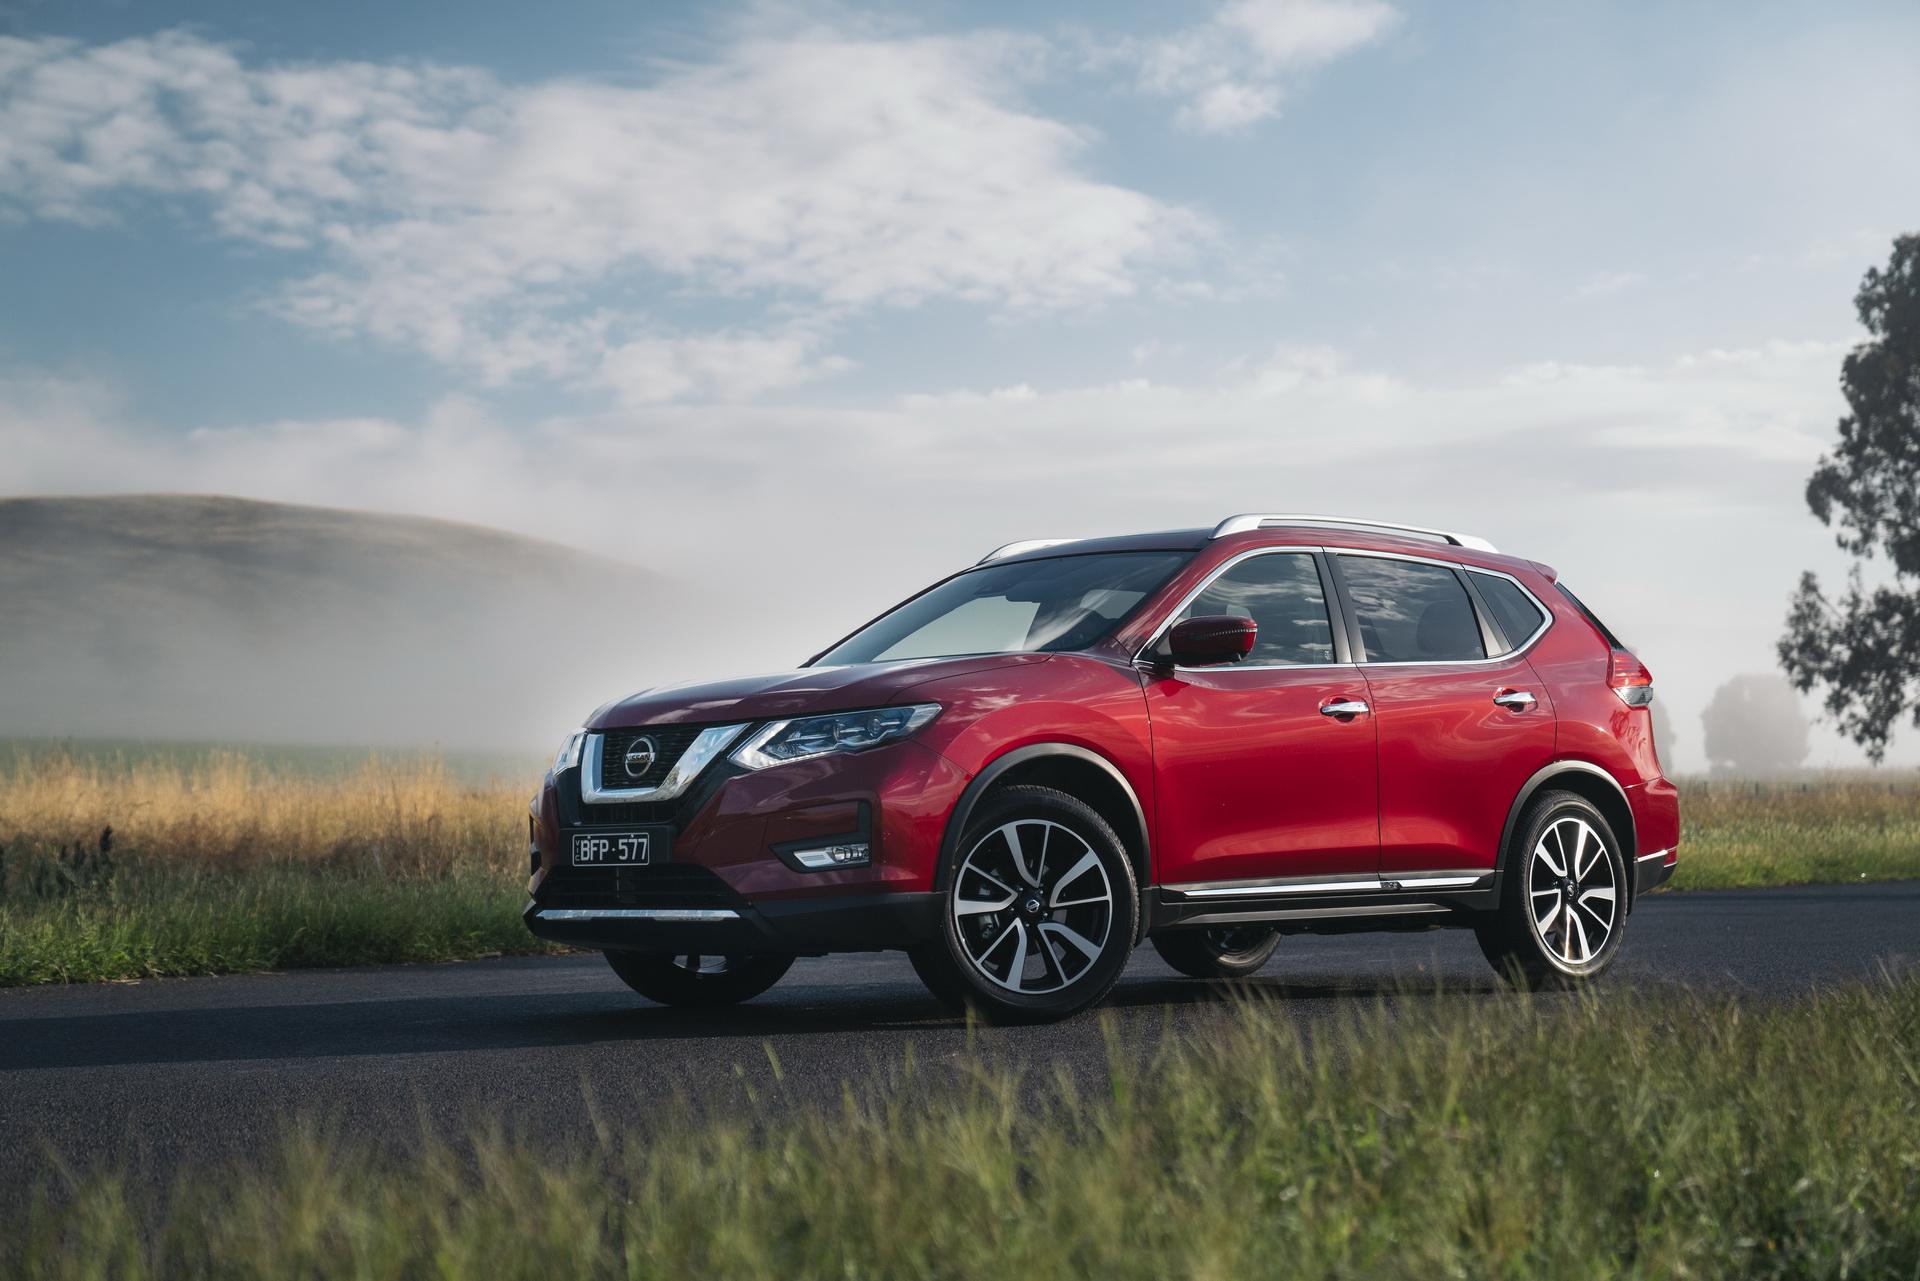 У Nissan есть совершенно новый X-Trail (на видео), который продается на некоторых рынках, но не в Австралии. На южном континенте его лишь слегка обновили в попытке сохранить конкурентоспособность в сегменте компактных внедорожников.